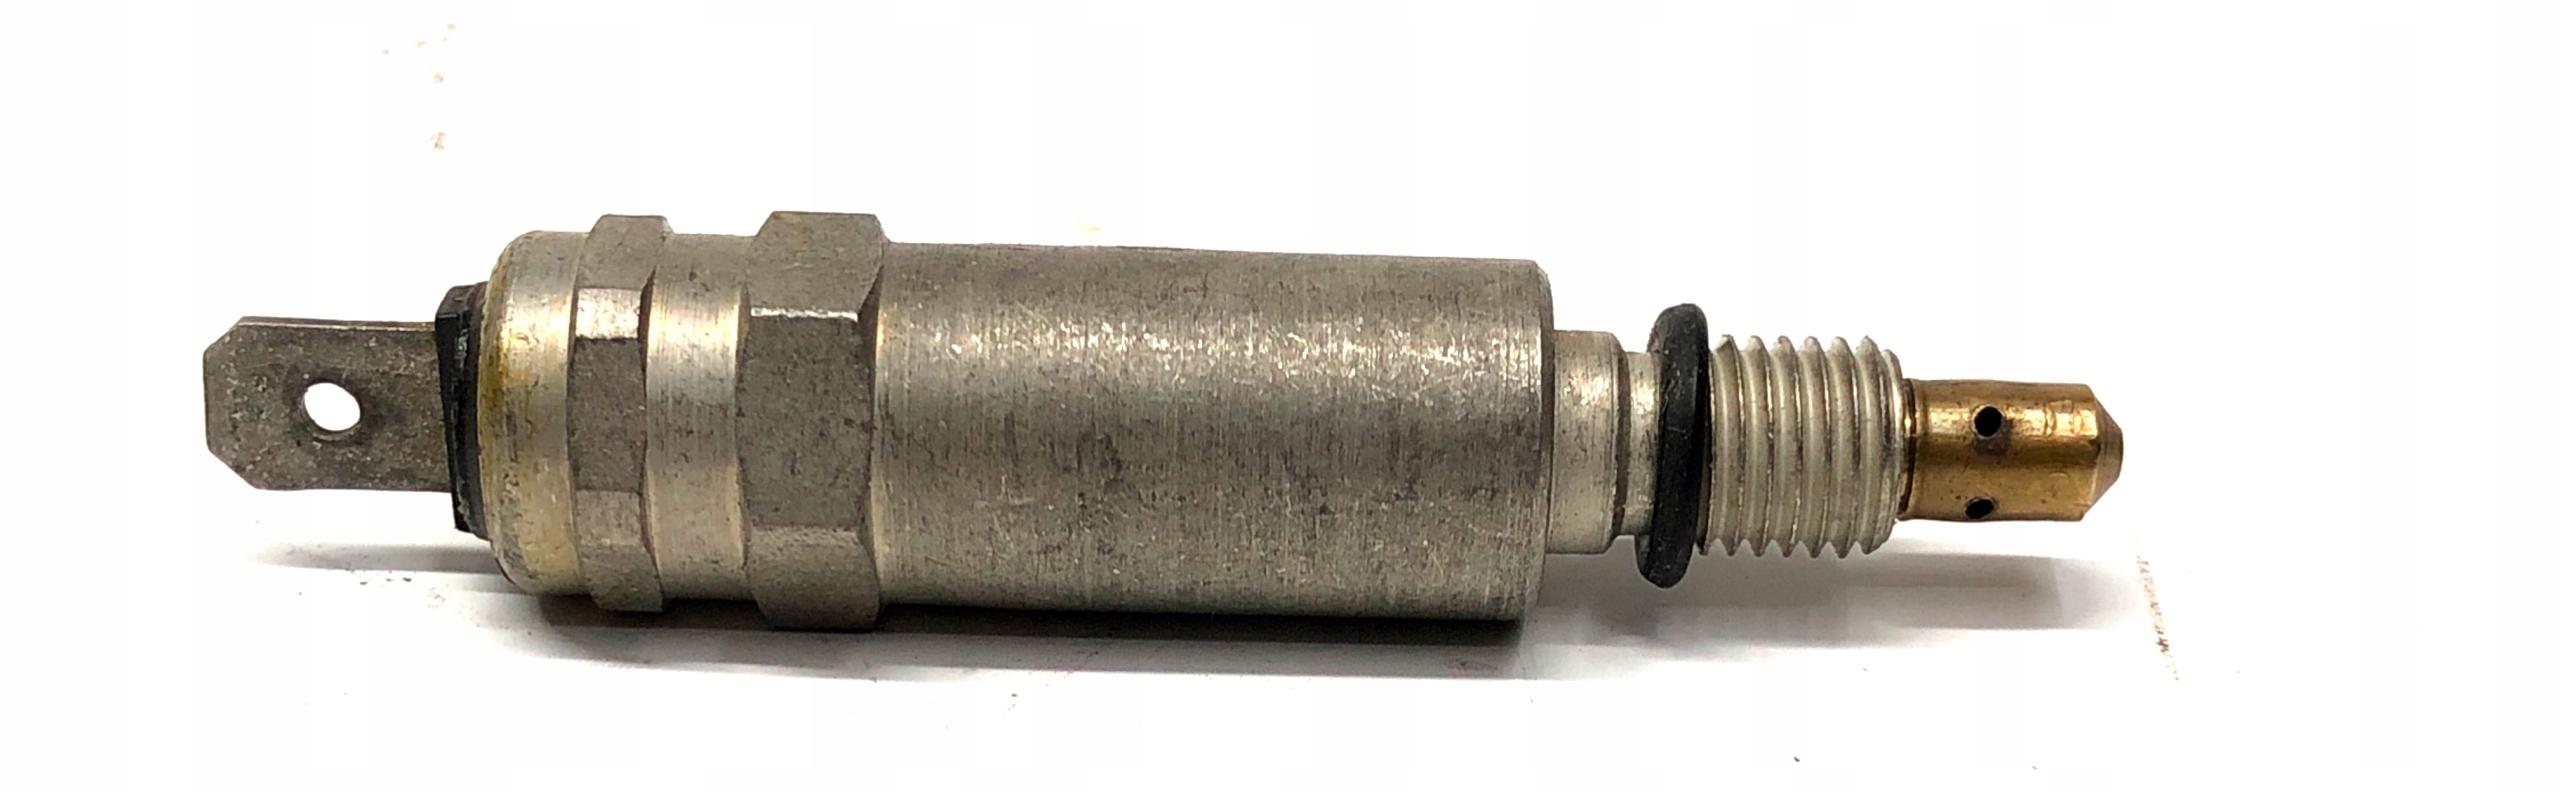 электроклапан насадка карбюратор fiat 126 p новый